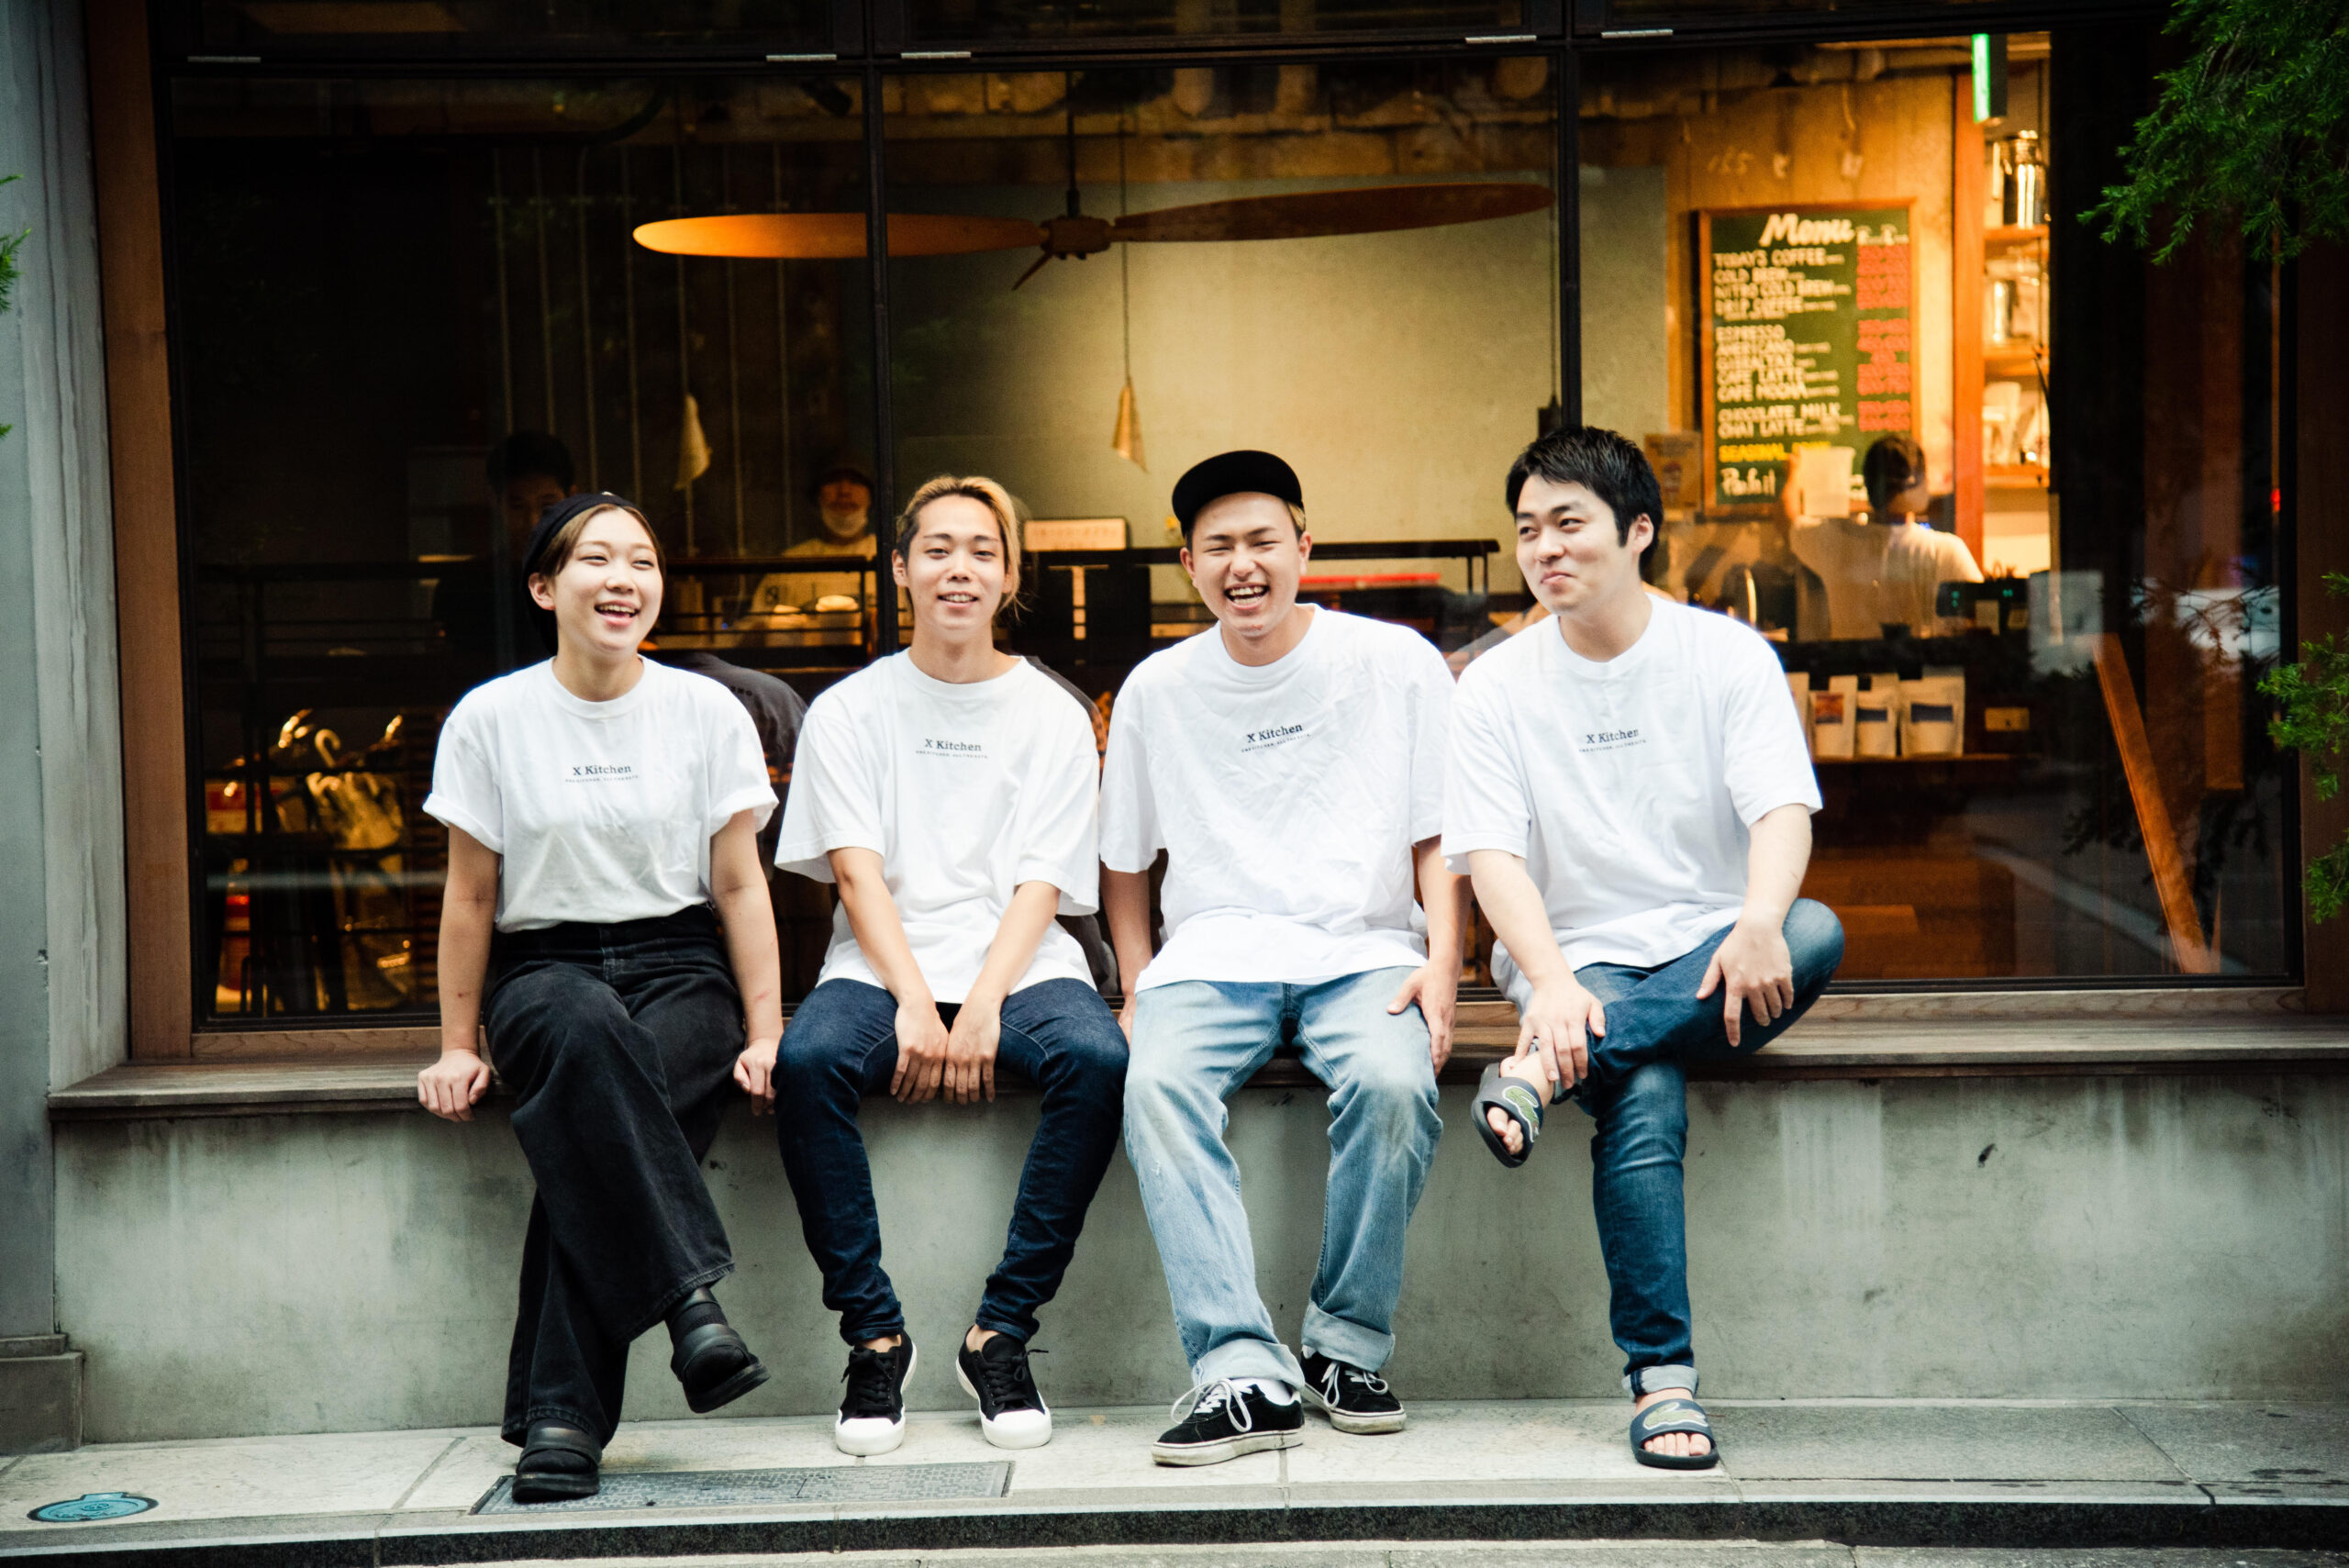 株式会社X Kitchenの社員4名の写真